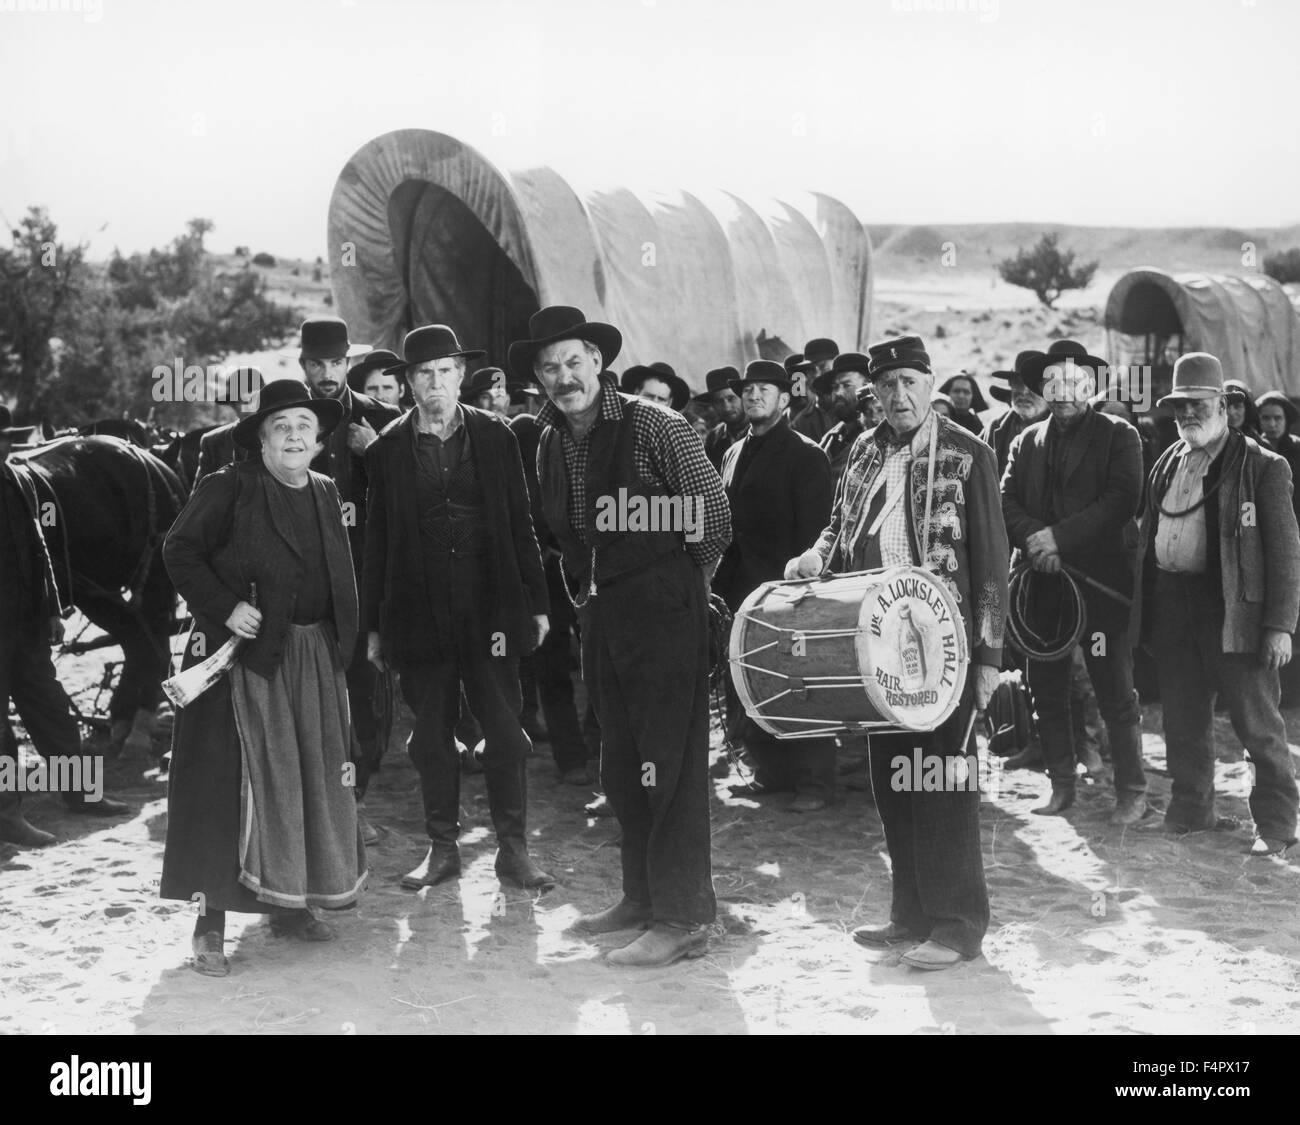 Wagon Master / 1950 unter der Regie von John Ford [Argosy Bilder / RKO Radio Pict] Stockbild